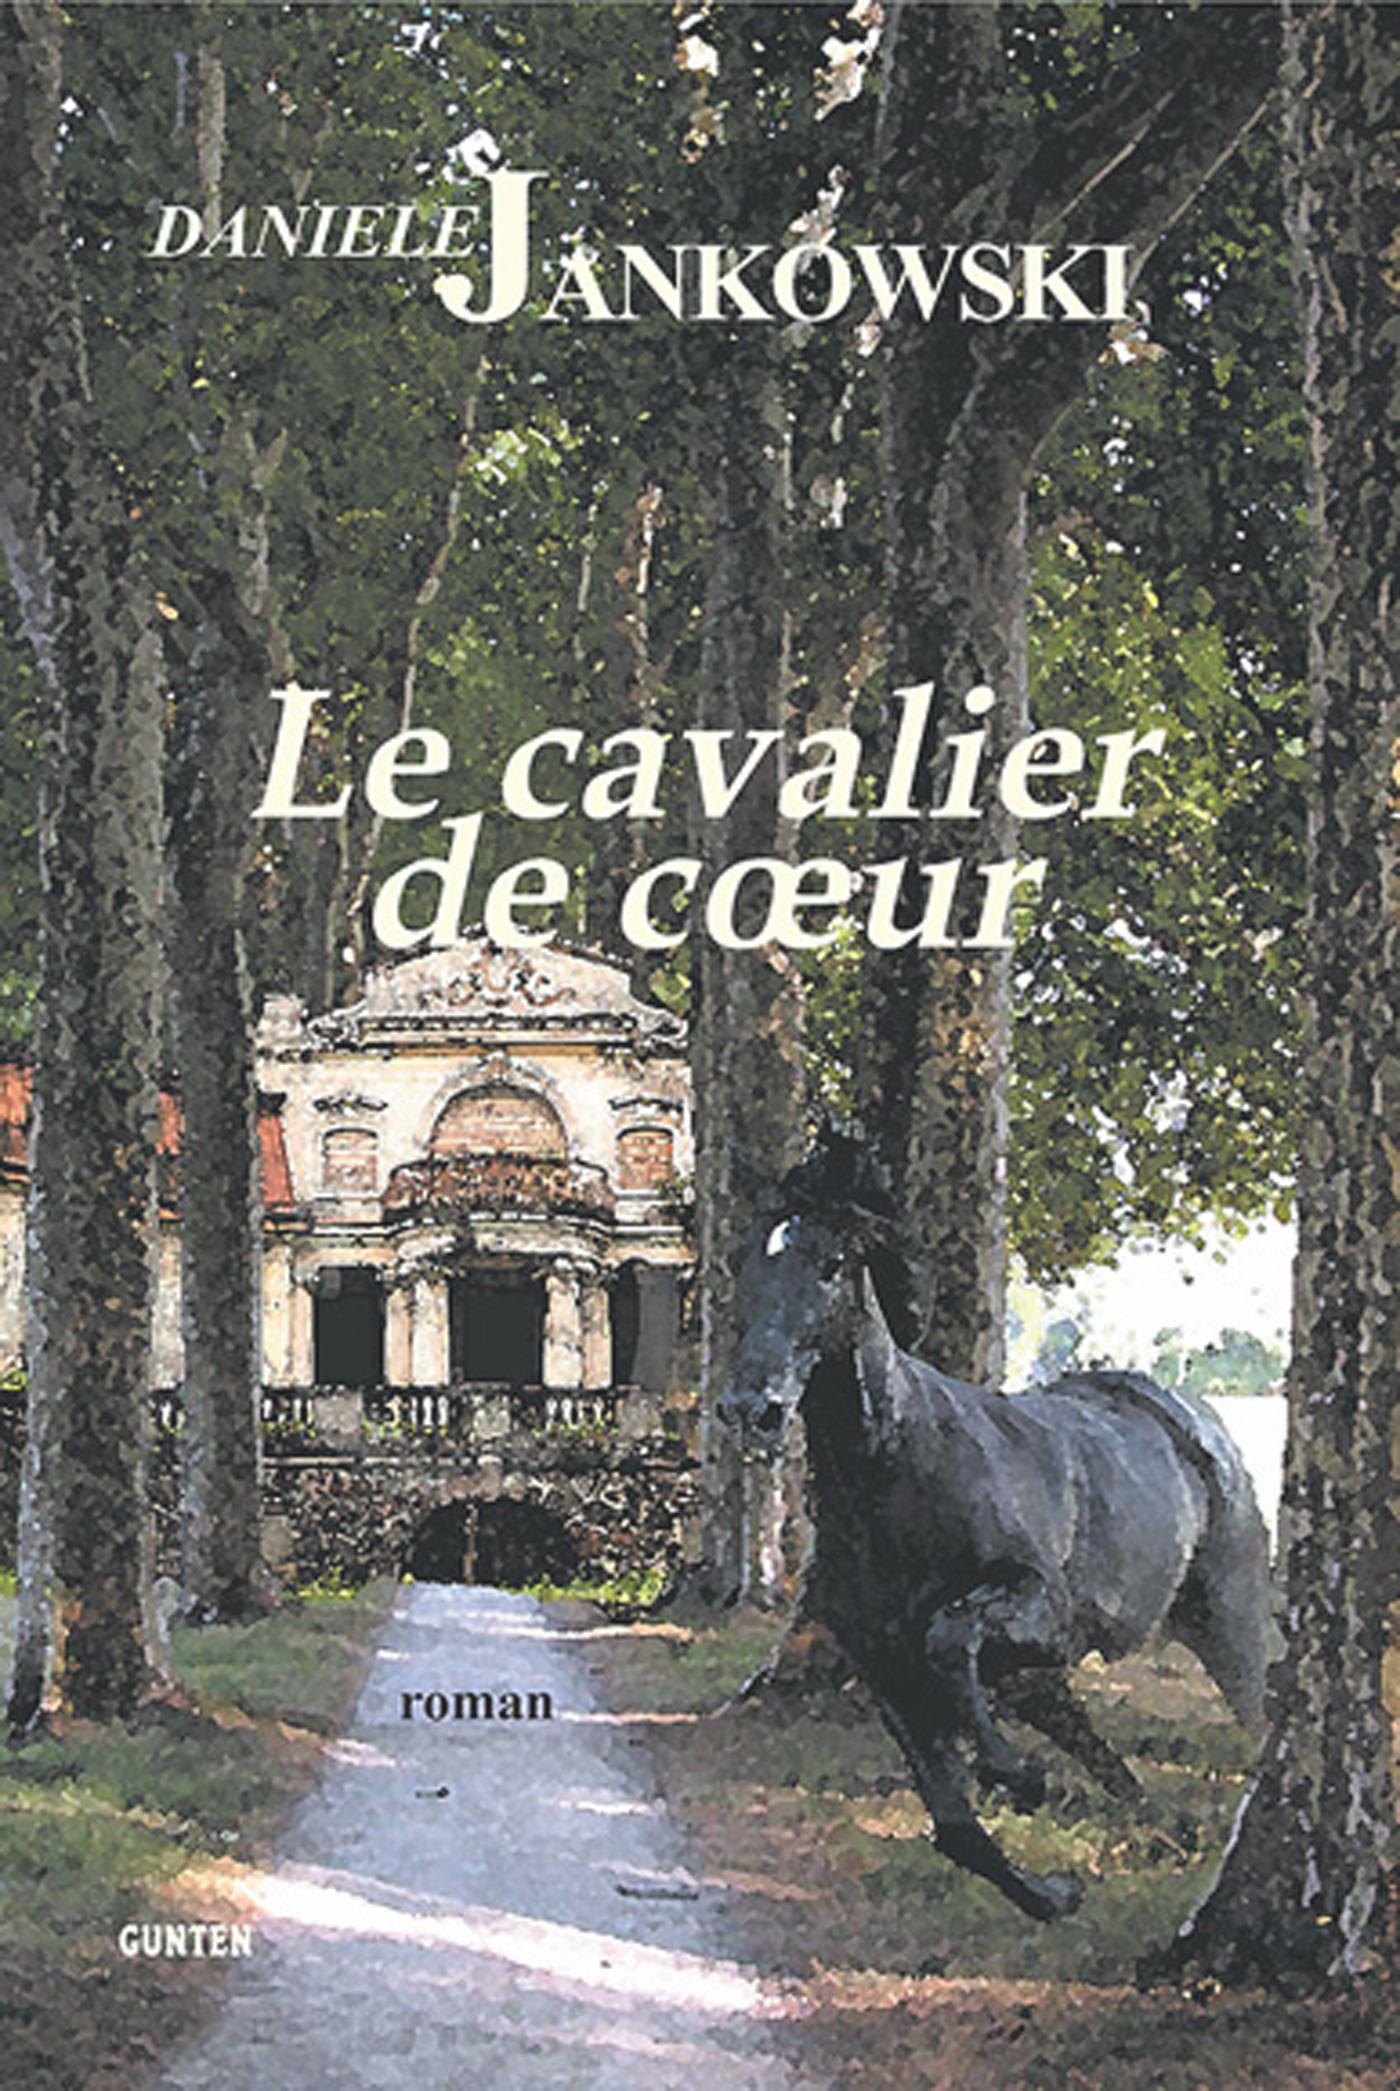 Le cavalier de coeur